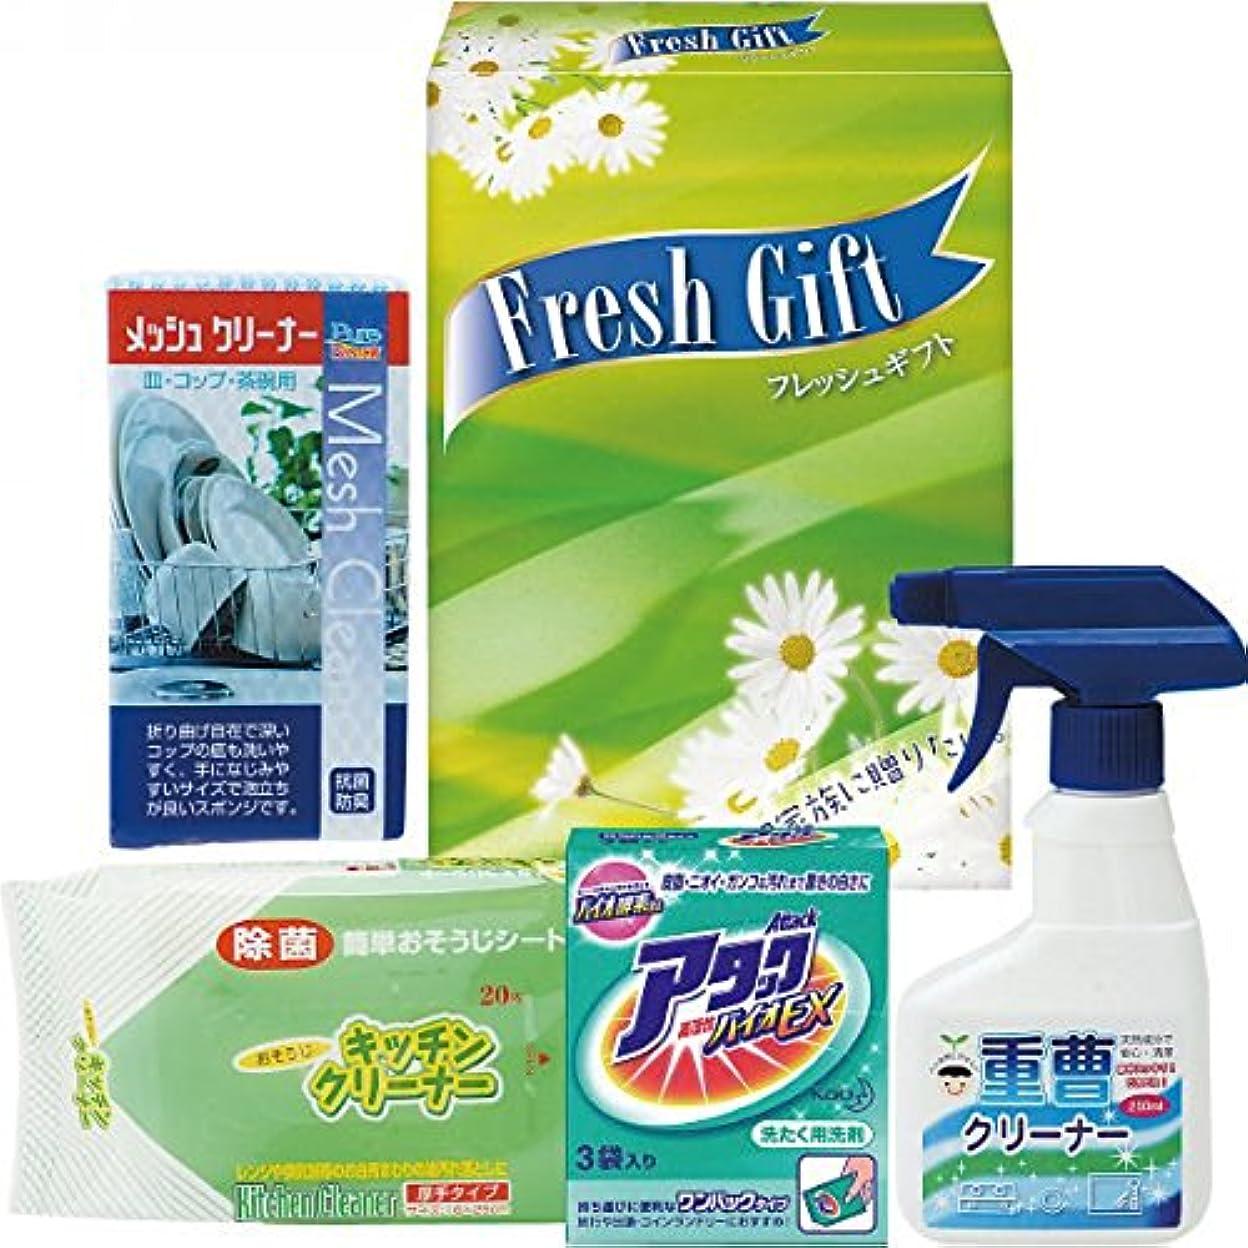 溢れんばかりの剛性切手nobrand アタック&フレッシュボックス 石鹸 (G-10R)